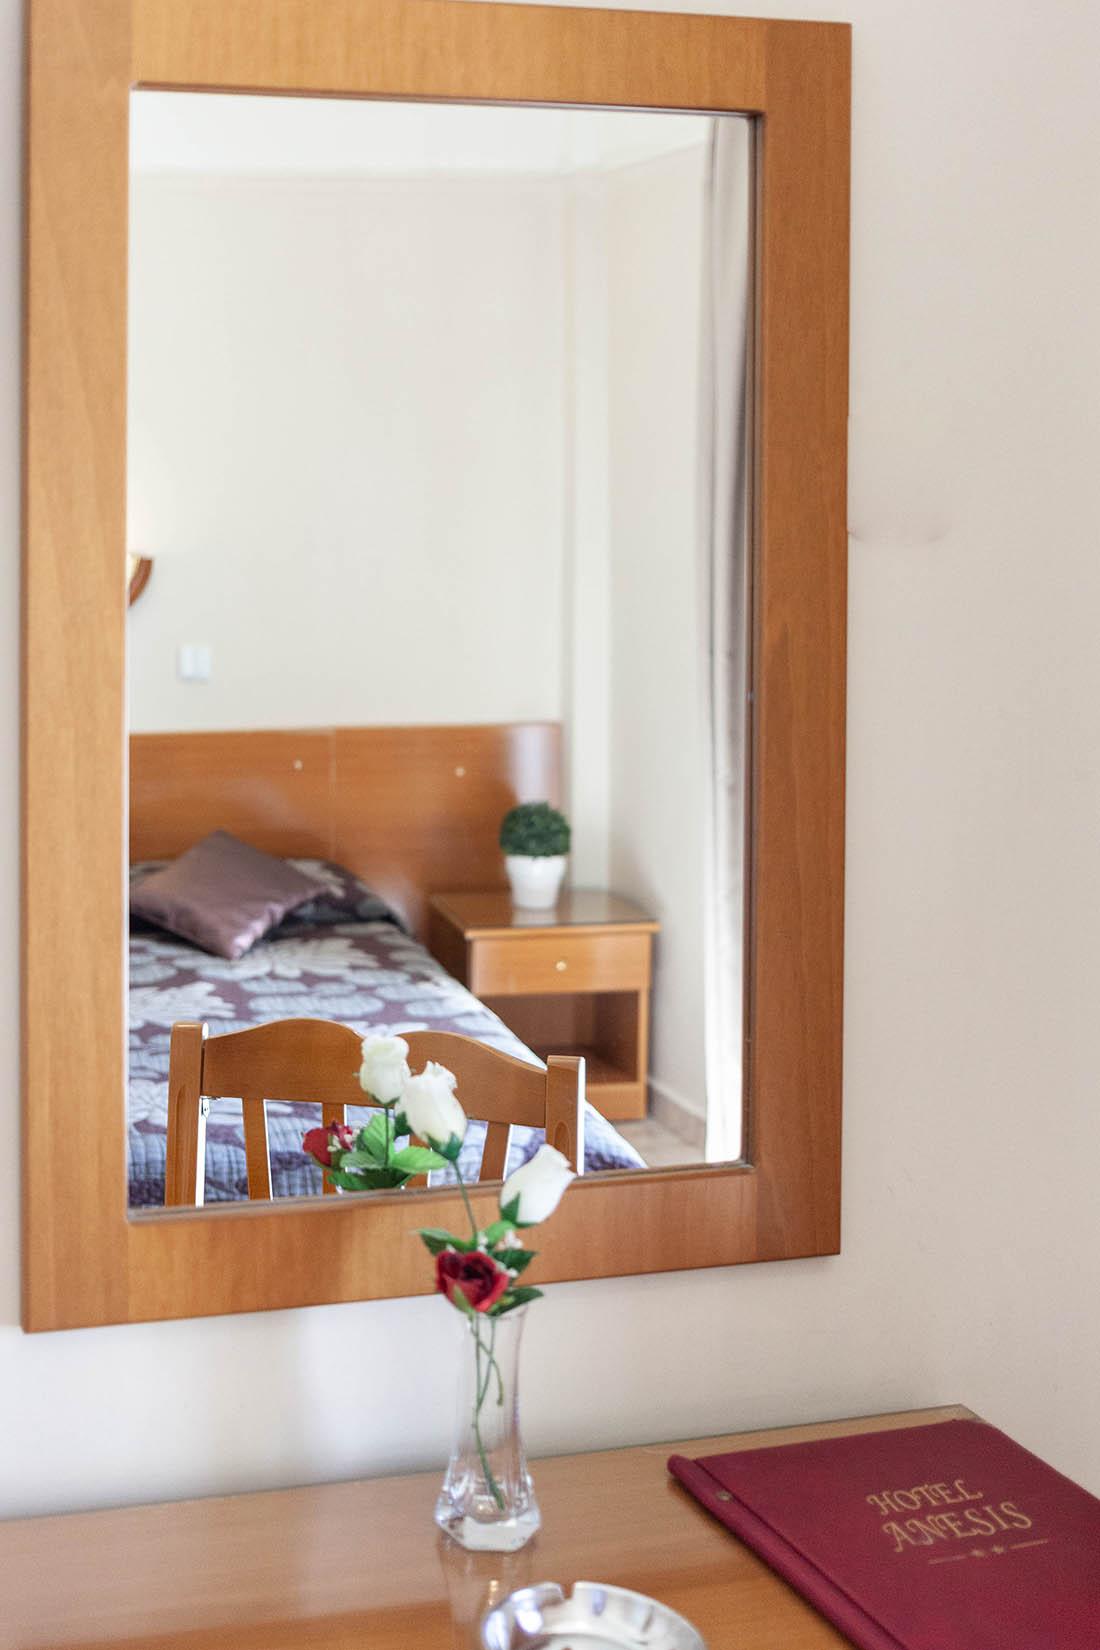 ξενοδοχεια κοζανη κεντρο - Anesis Hotel